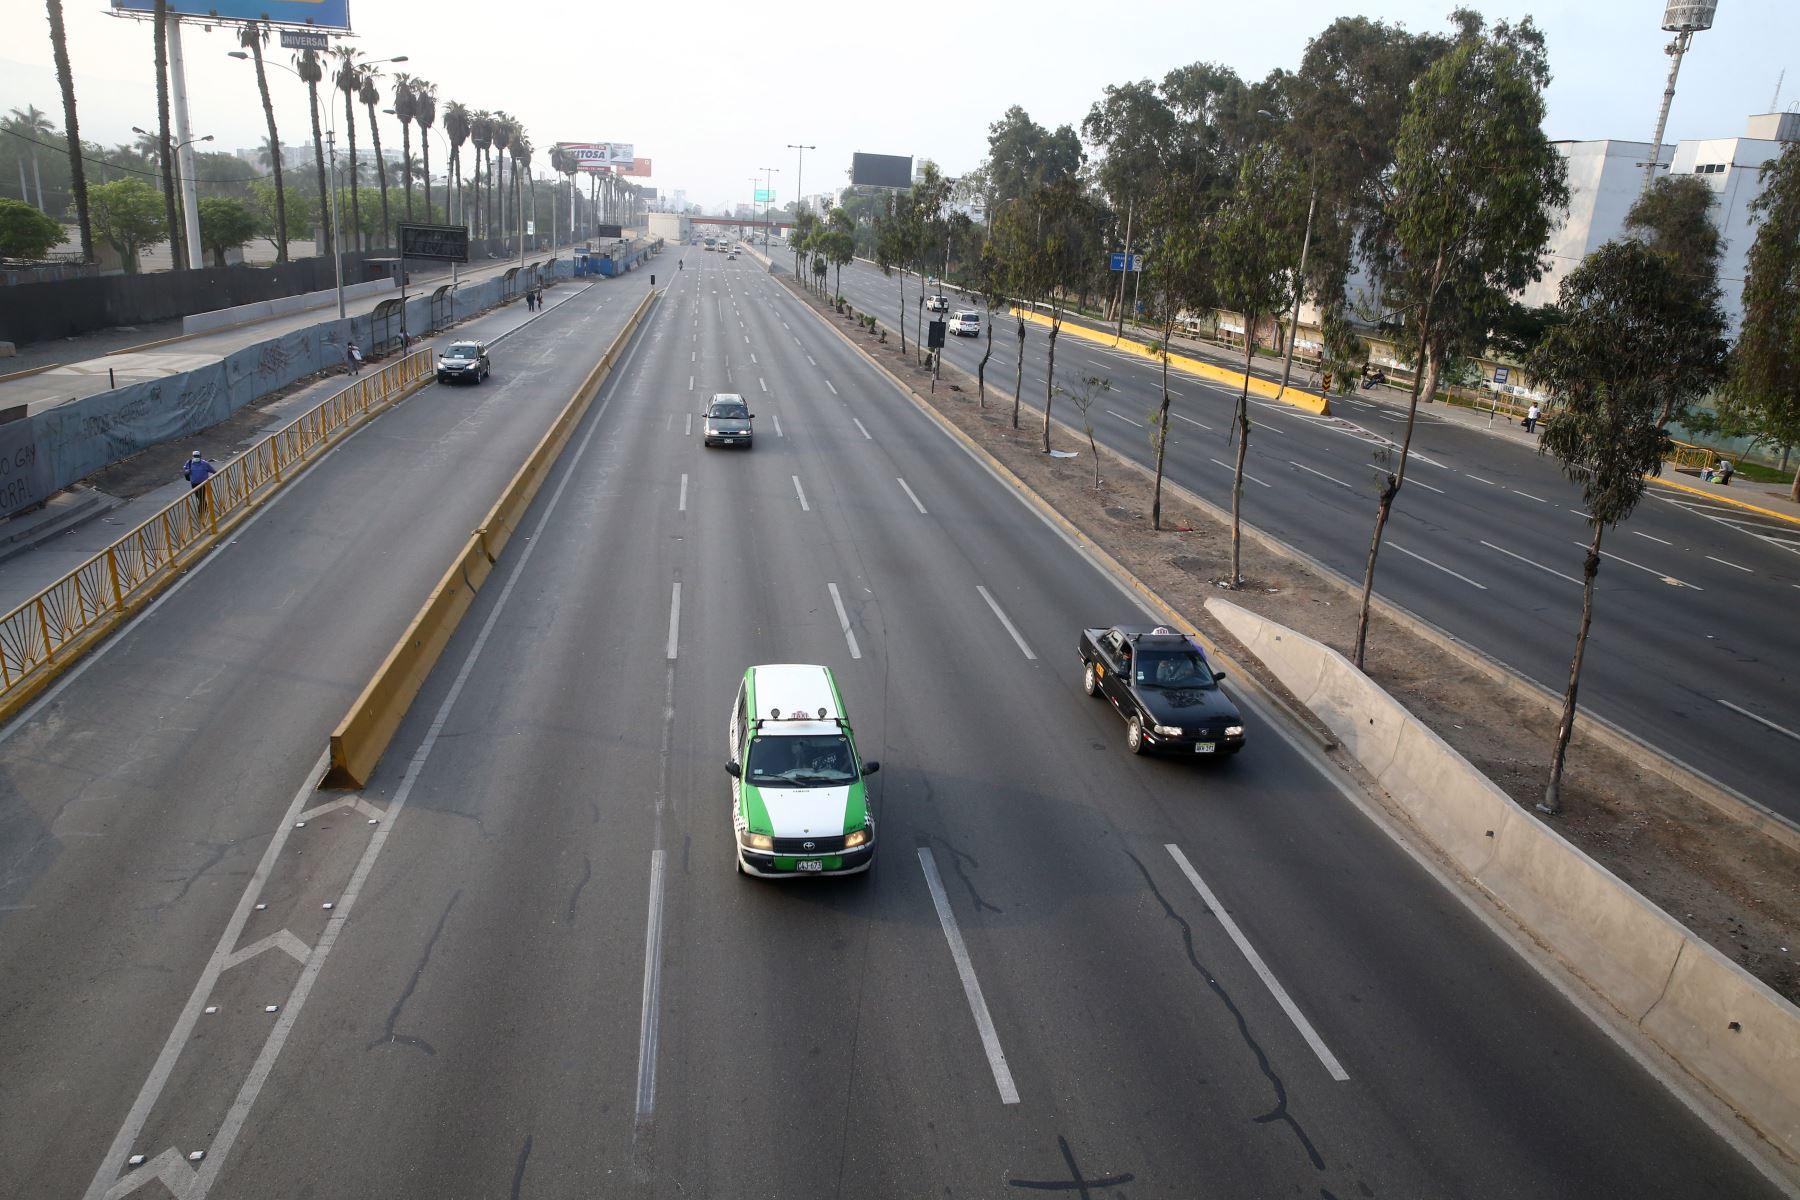 Policía Nacional realiza operativo en los alrededores de Plaza Norte, en Lima Norte, debido a la  prohibición de circulación de vehículos particulares en Lima Metropolitana y el Callao, según disposición del Gobierno que buscan reducir los índices de contagios de la covid-19. Foto: ANDINA/Vidal Tarqui